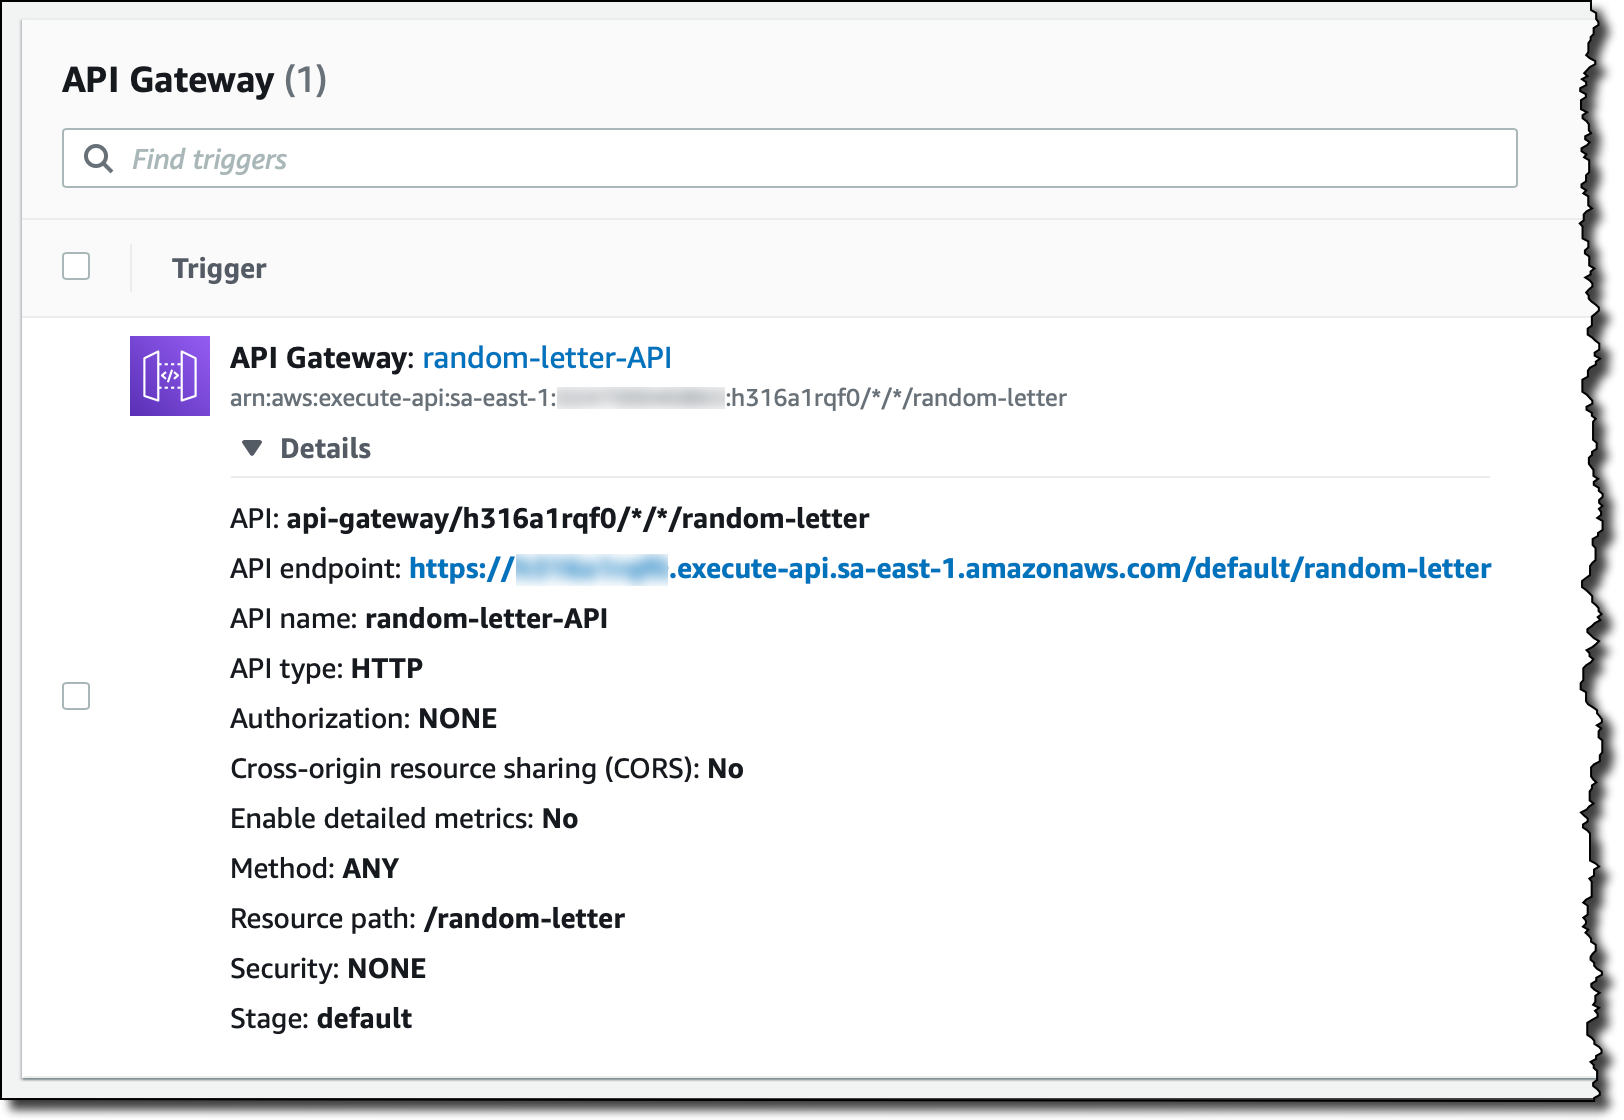 Скриншот консоли AWS: API Gateway в качестве триггера для Lambda-функции